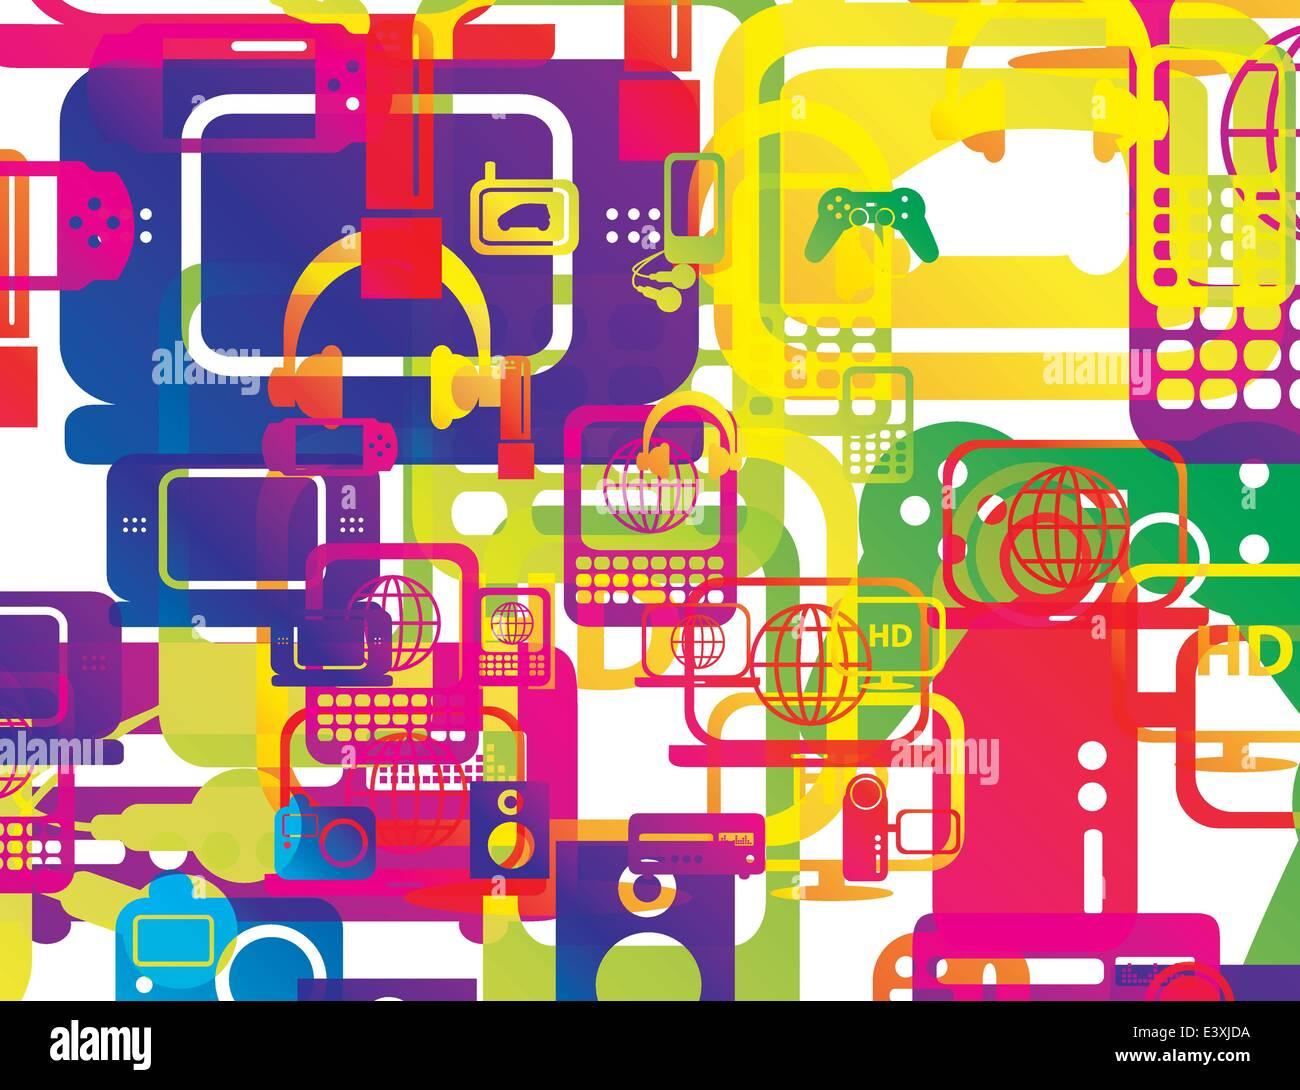 Vector illustration d'un choix de matériel informatique et technologique et multiplié en couches pour Photo Stock